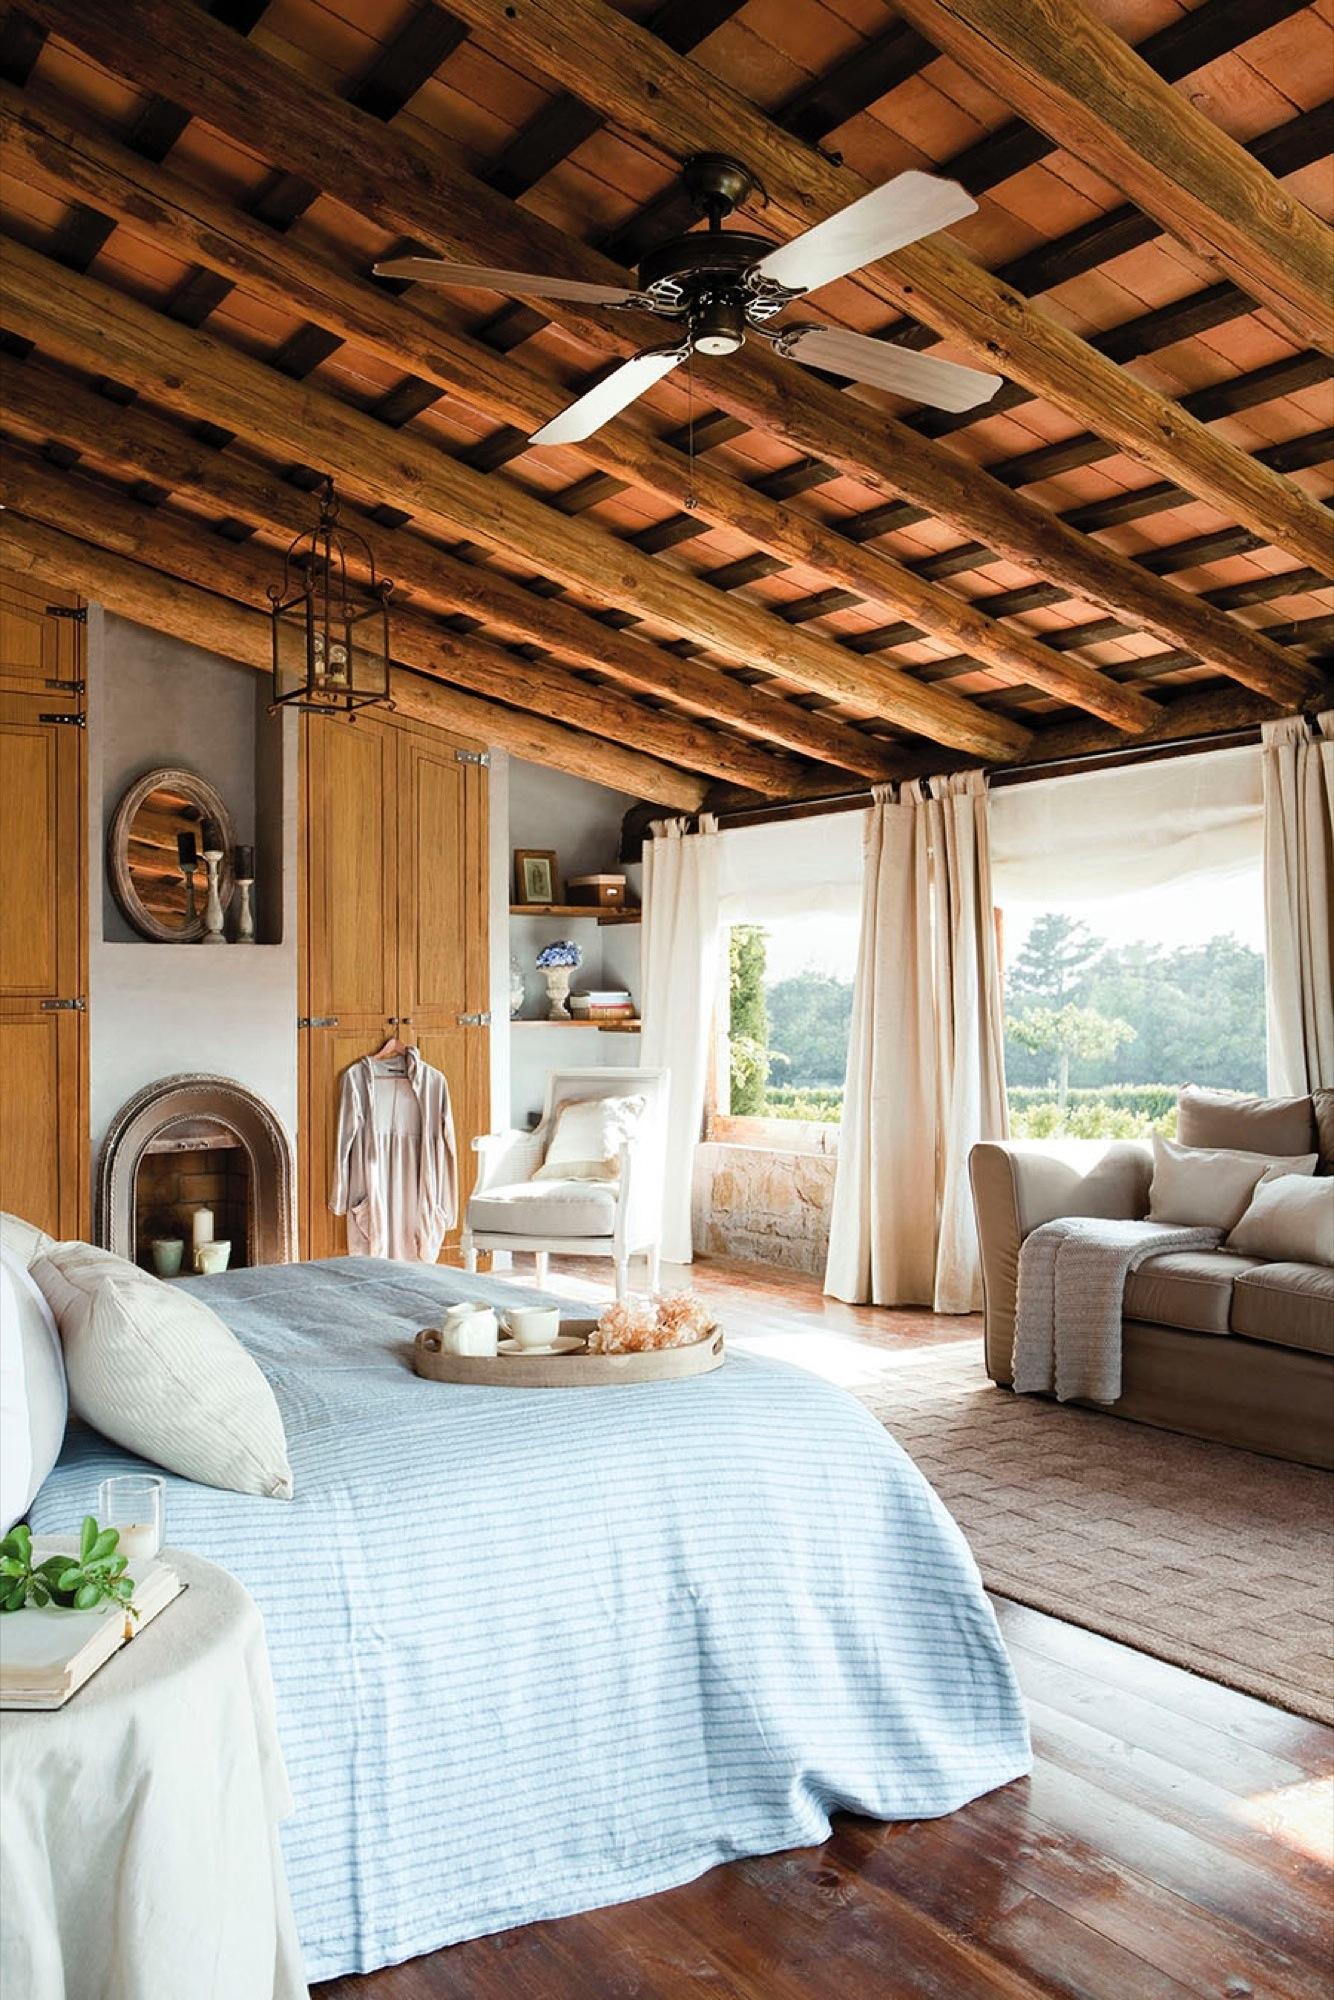 Dormitorios r sticos con mucho encanto for Decoracion rustica mexicana